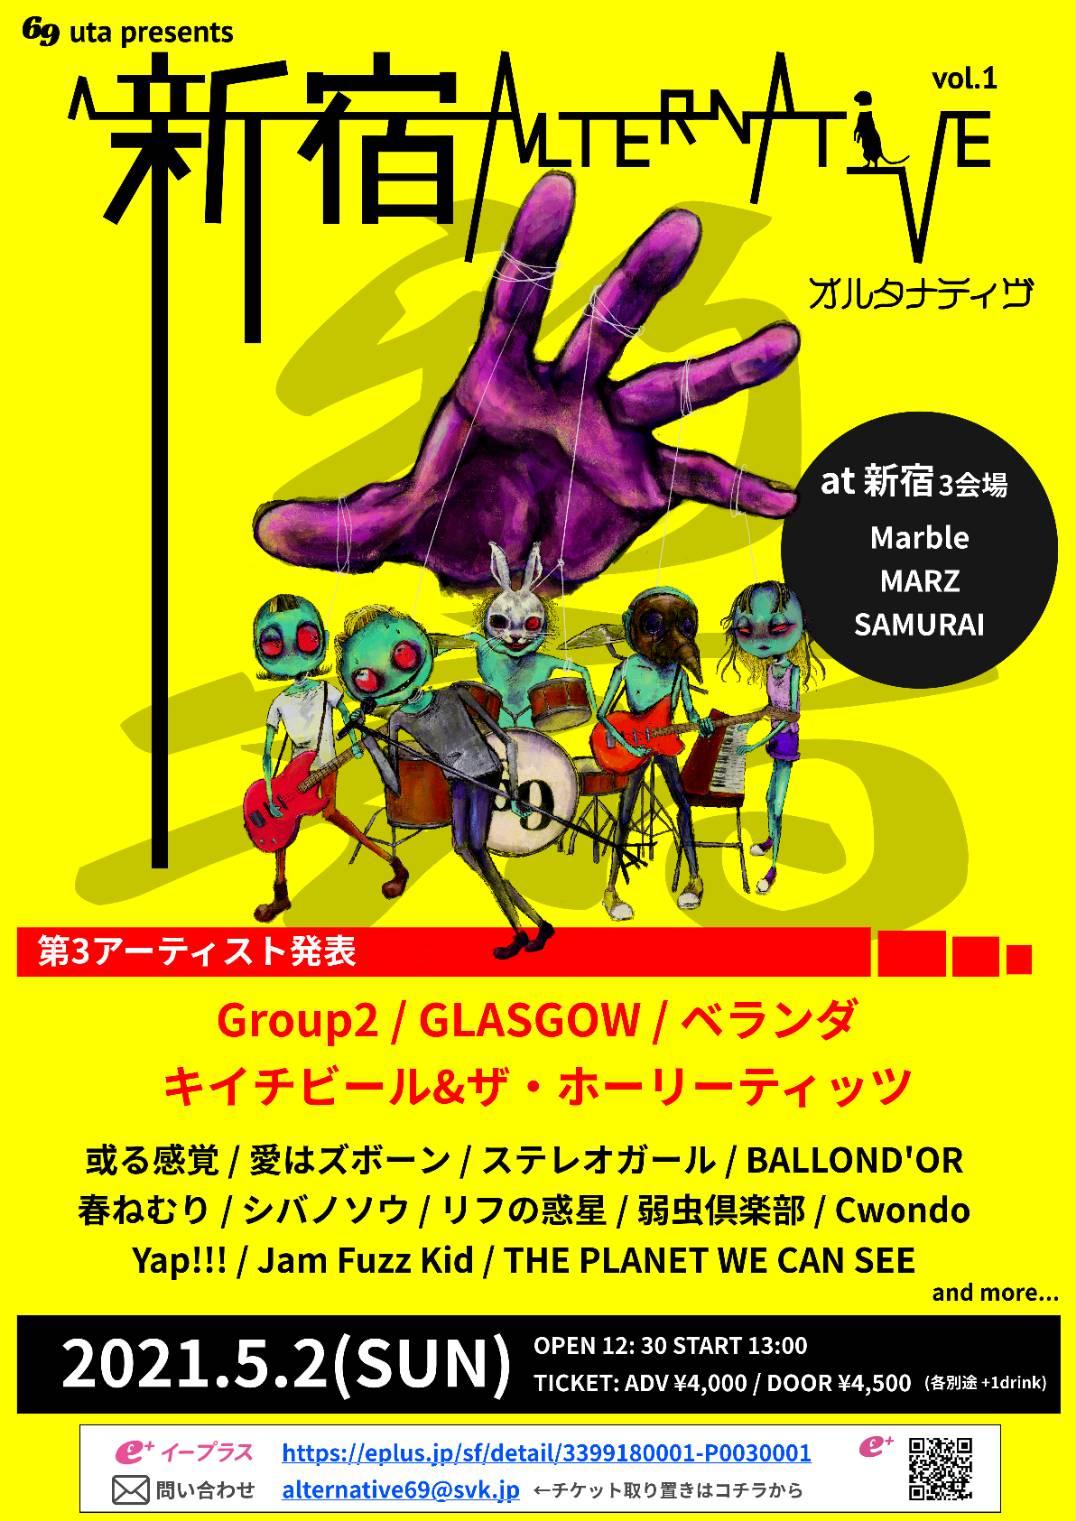 【公演中止】uta.presents「新宿オルタナティヴ」